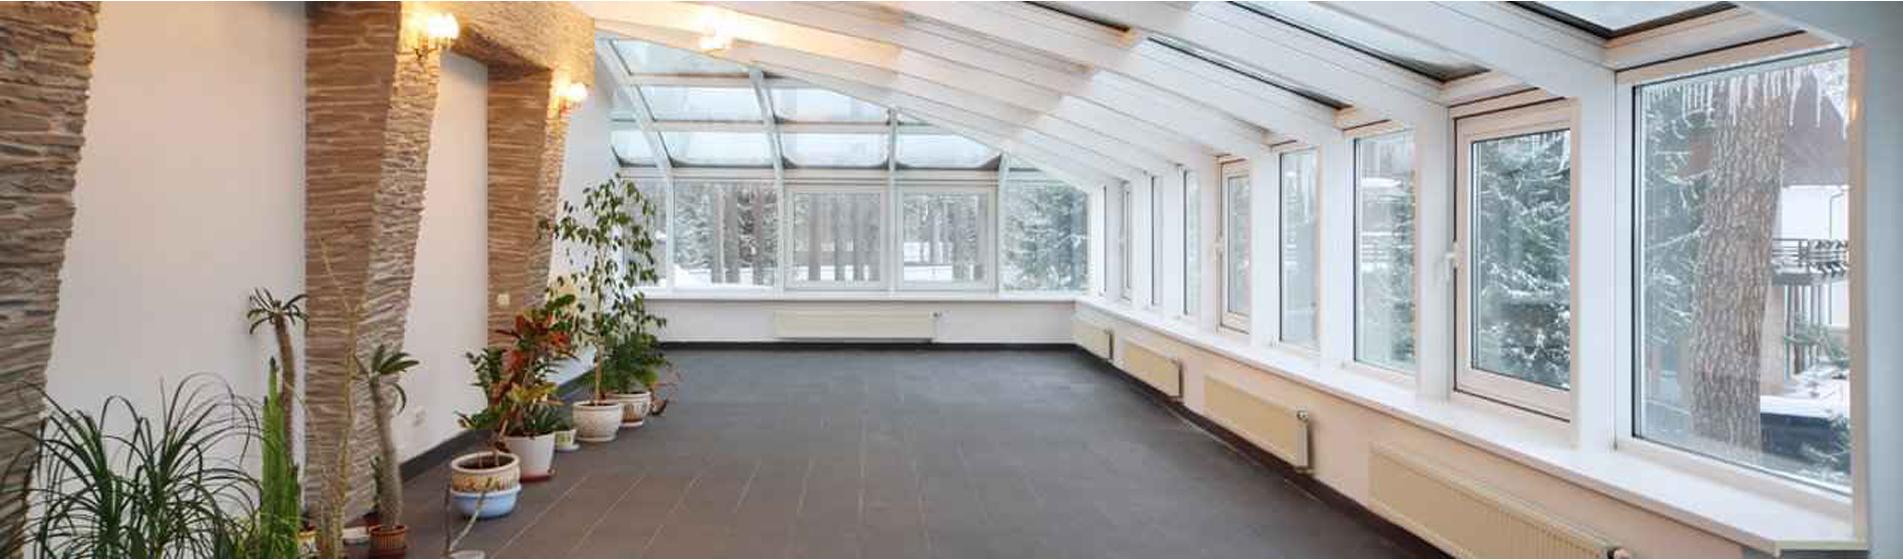 installer veranda 30 Gard